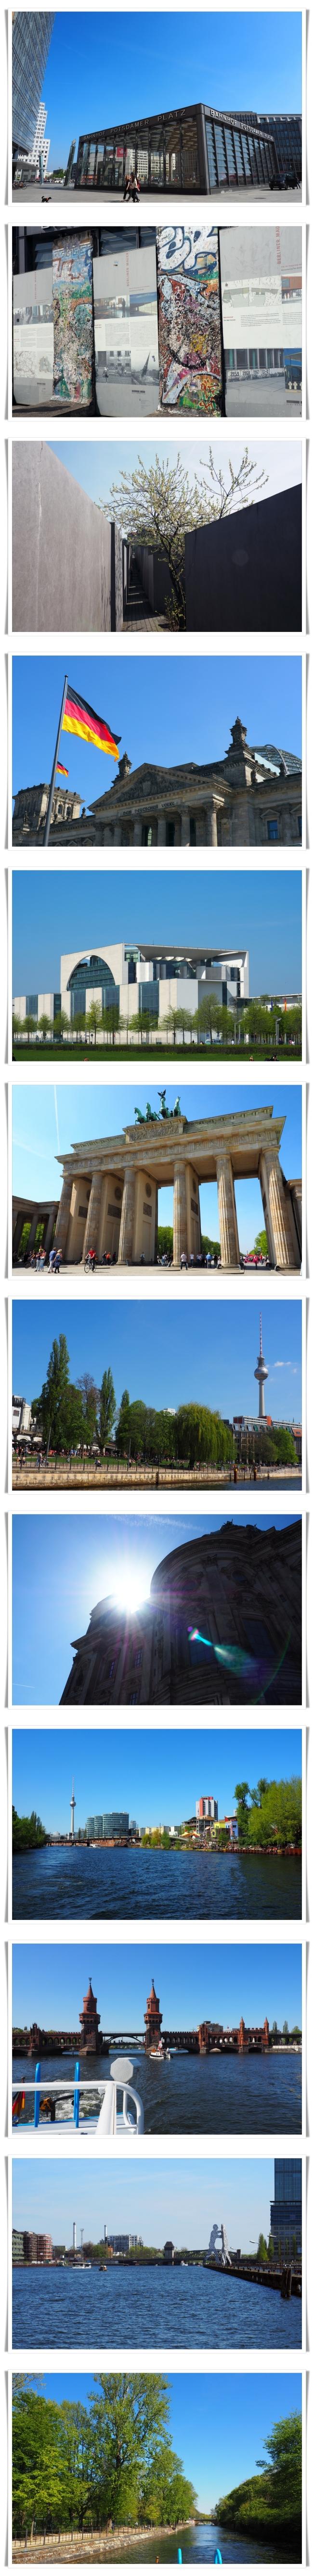 BerlinBerlin